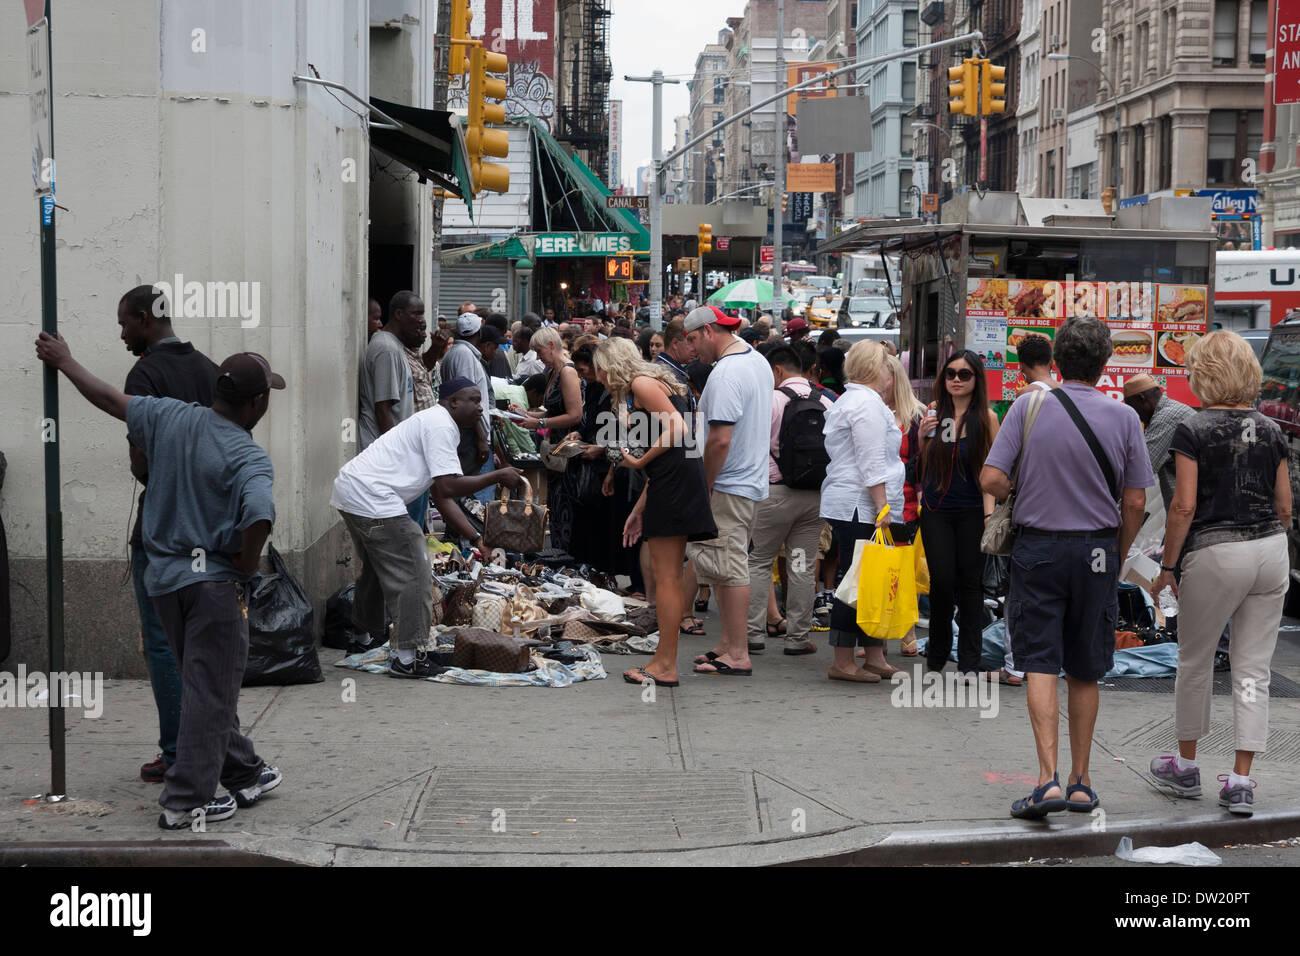 Propagation de la contrefaçon de produits de luxe sur Broadway, New York, USA Photo Stock